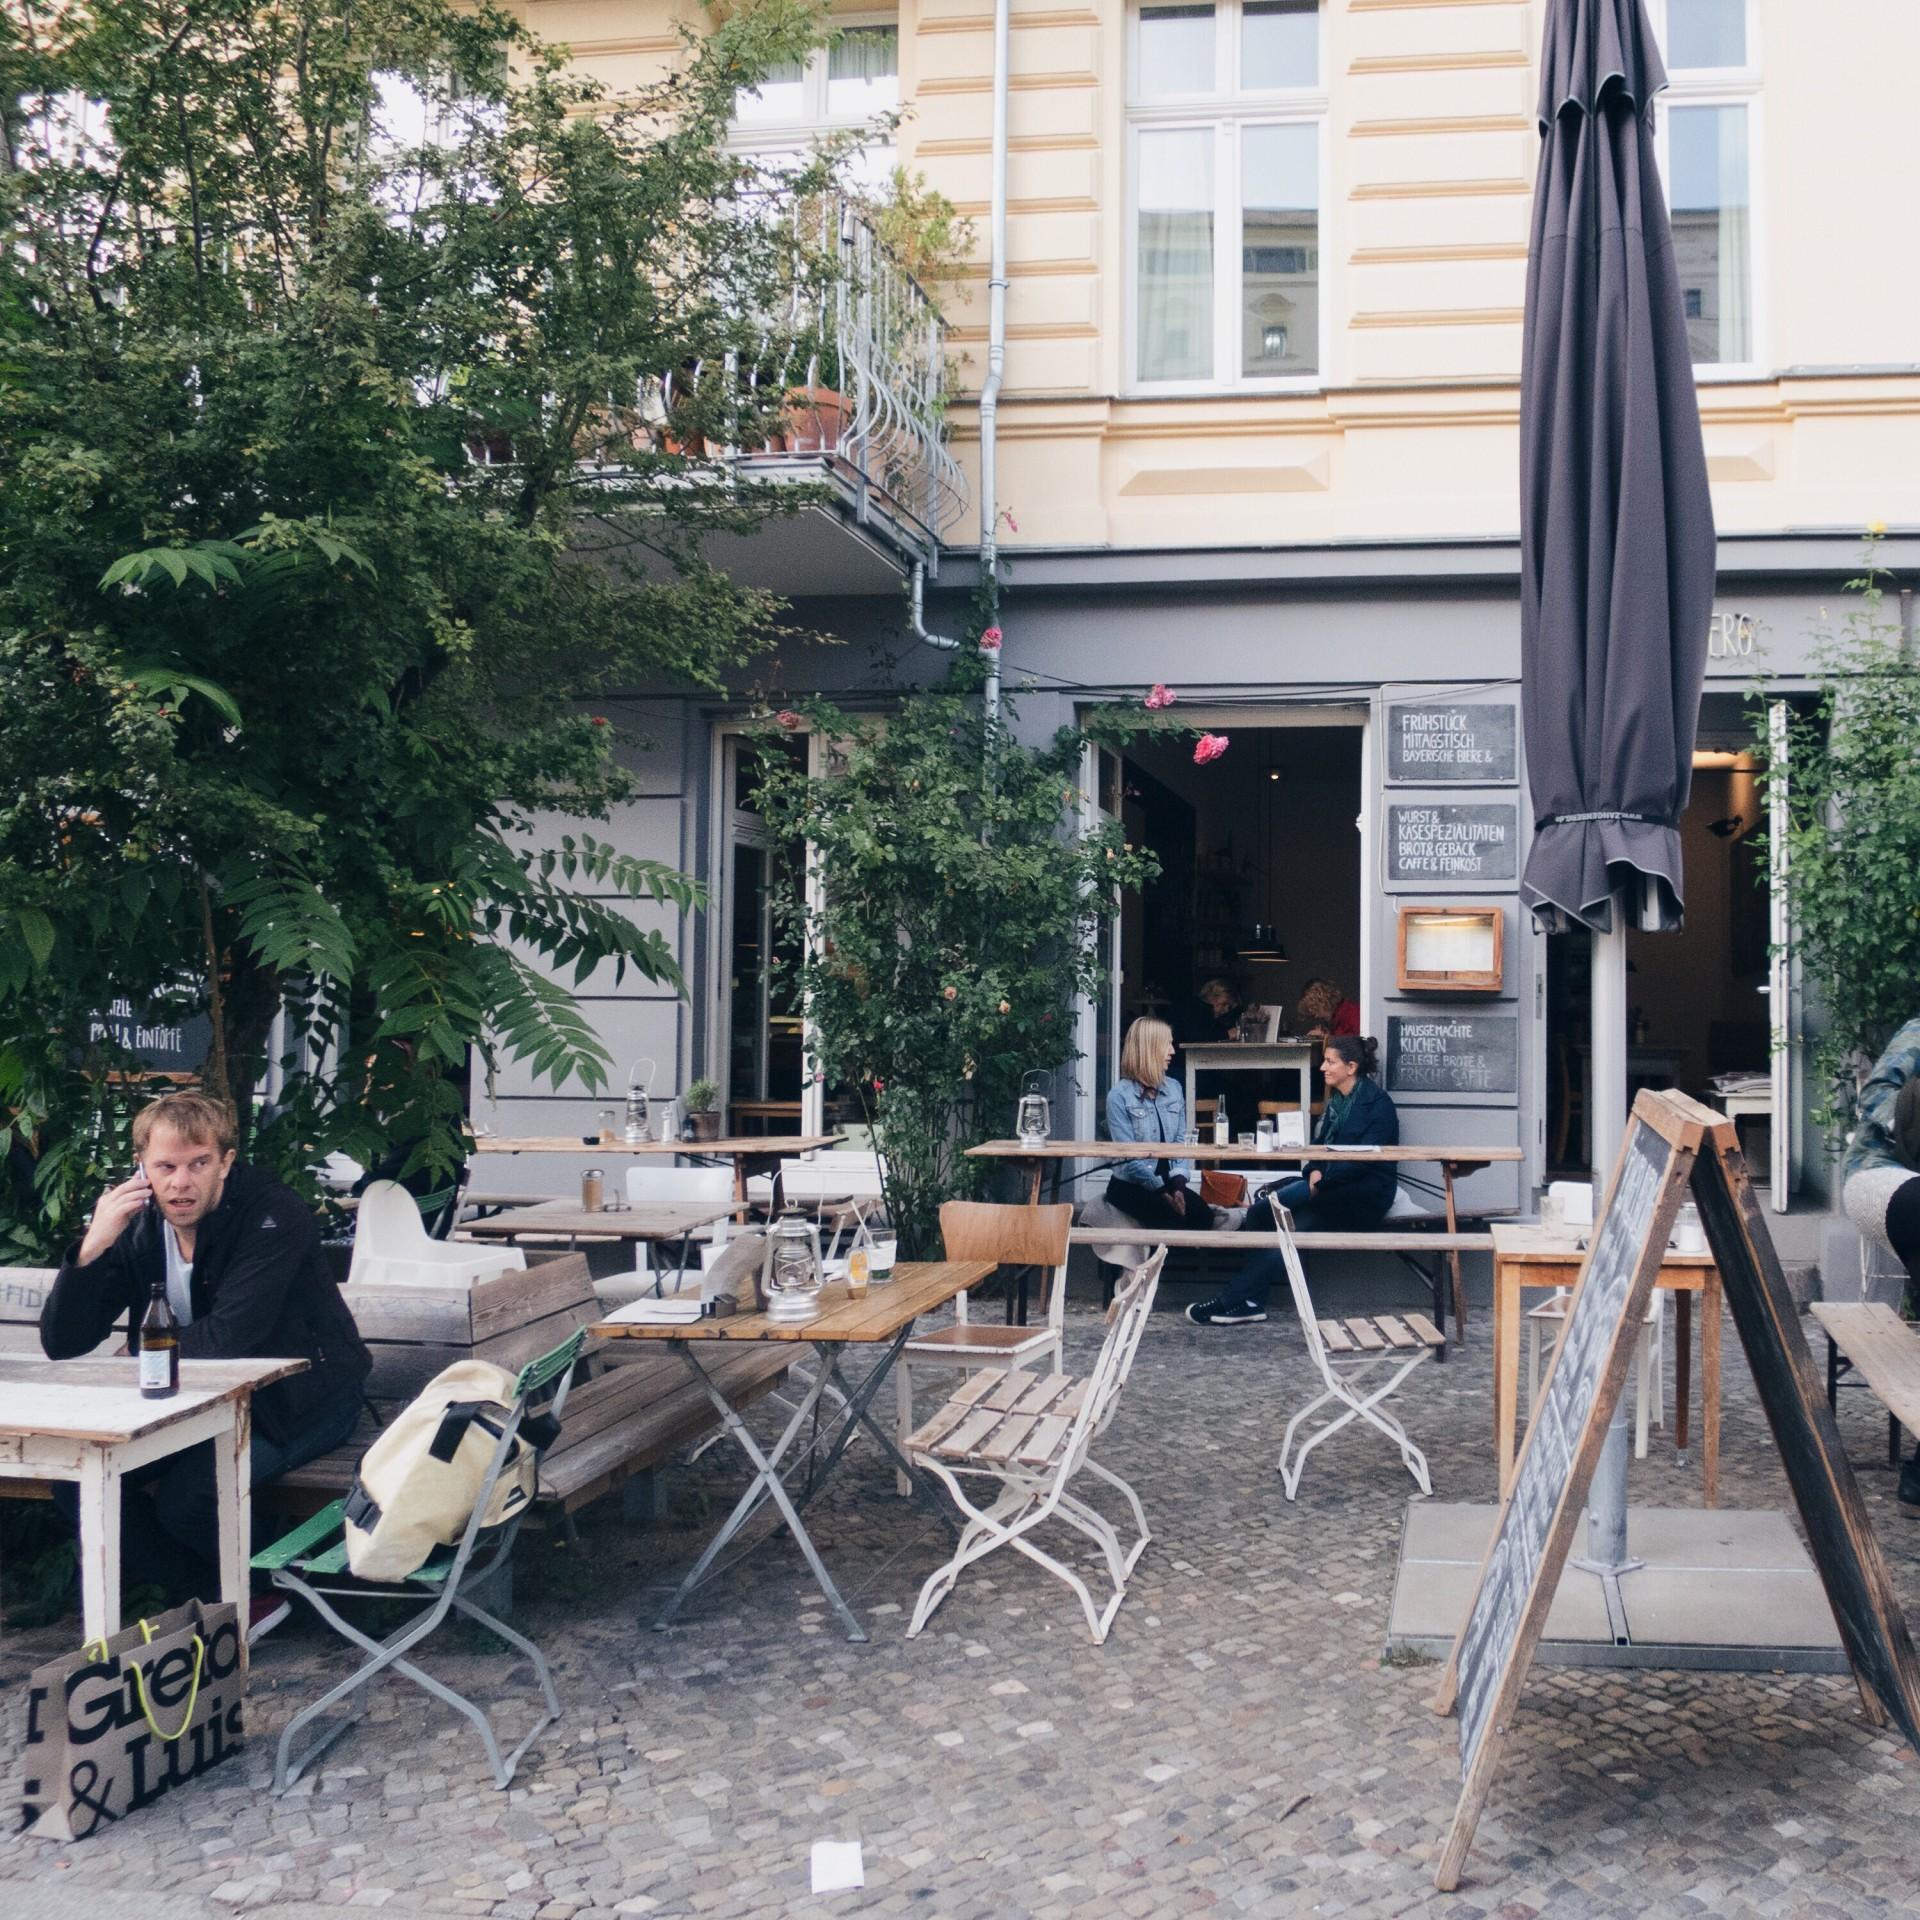 Berlijn hotspots – horeca